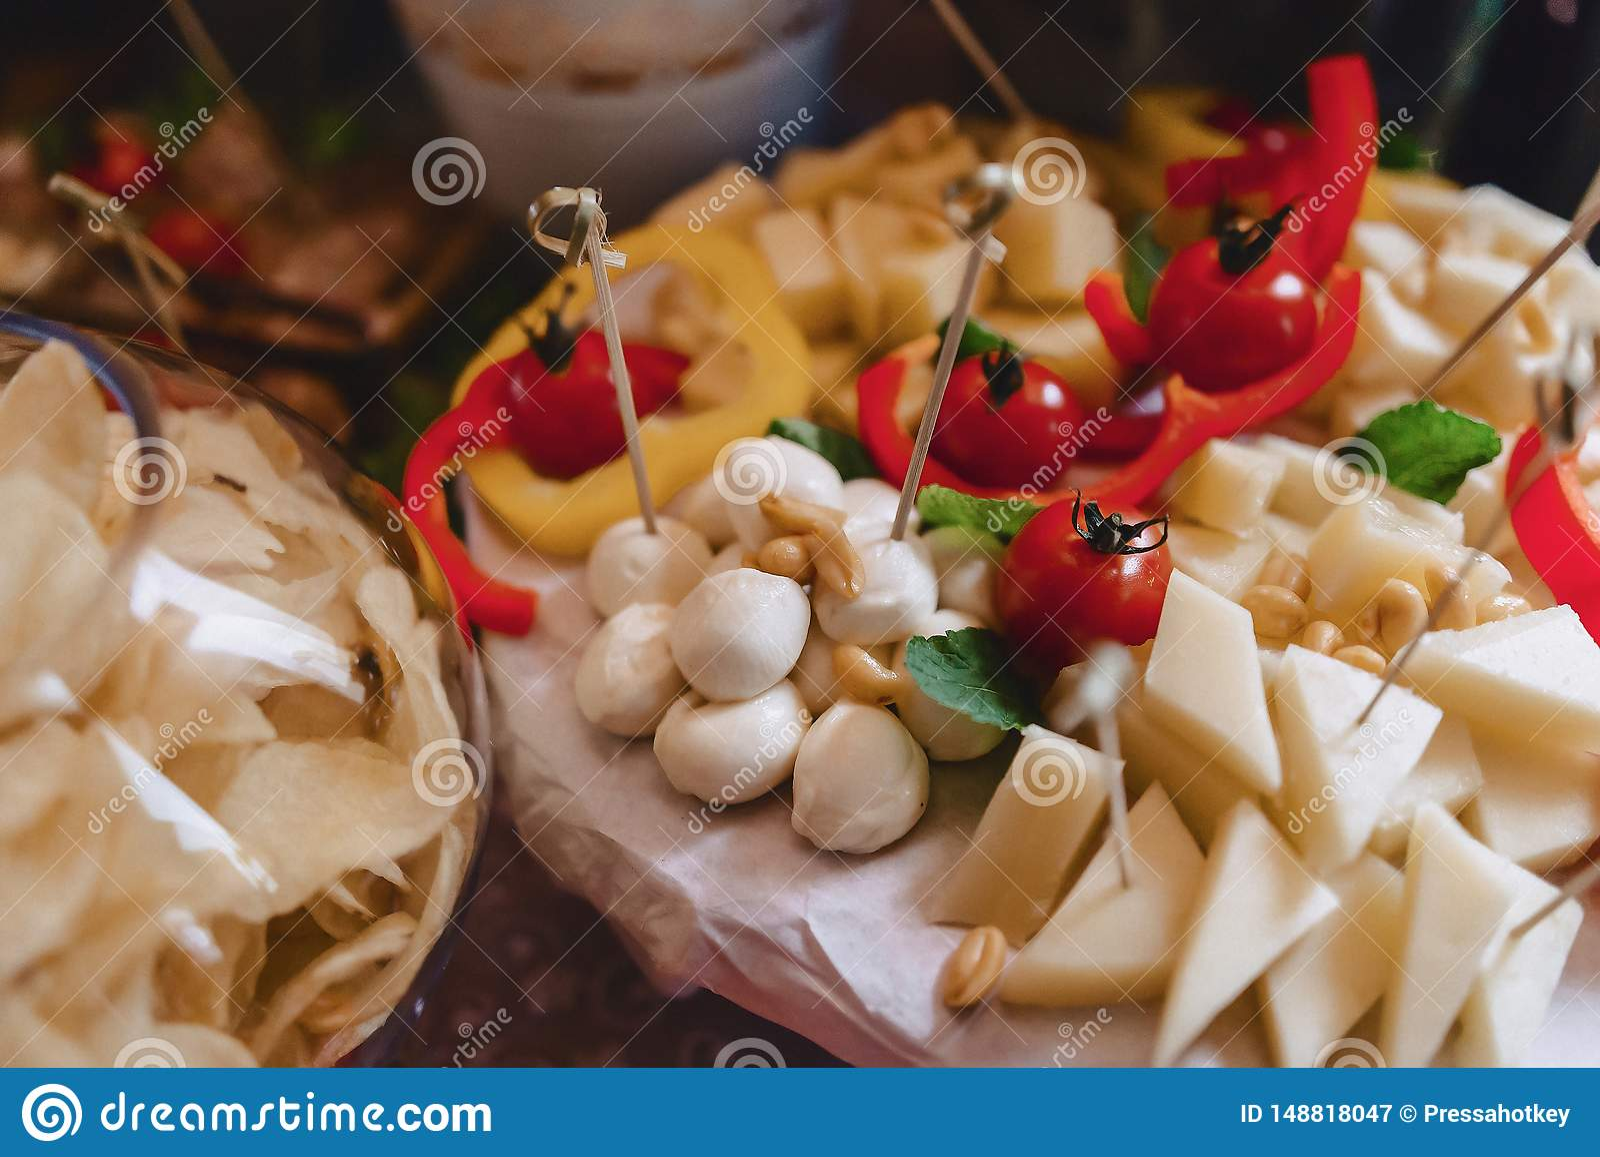 Εορταστικός αλμυρός μπουφές, ψάρια, κρέας, τσιπ, σφαίρες τυριών και άλλες ειδικότητες για τον εορτασμό των γάμων και άλλων γεγονό